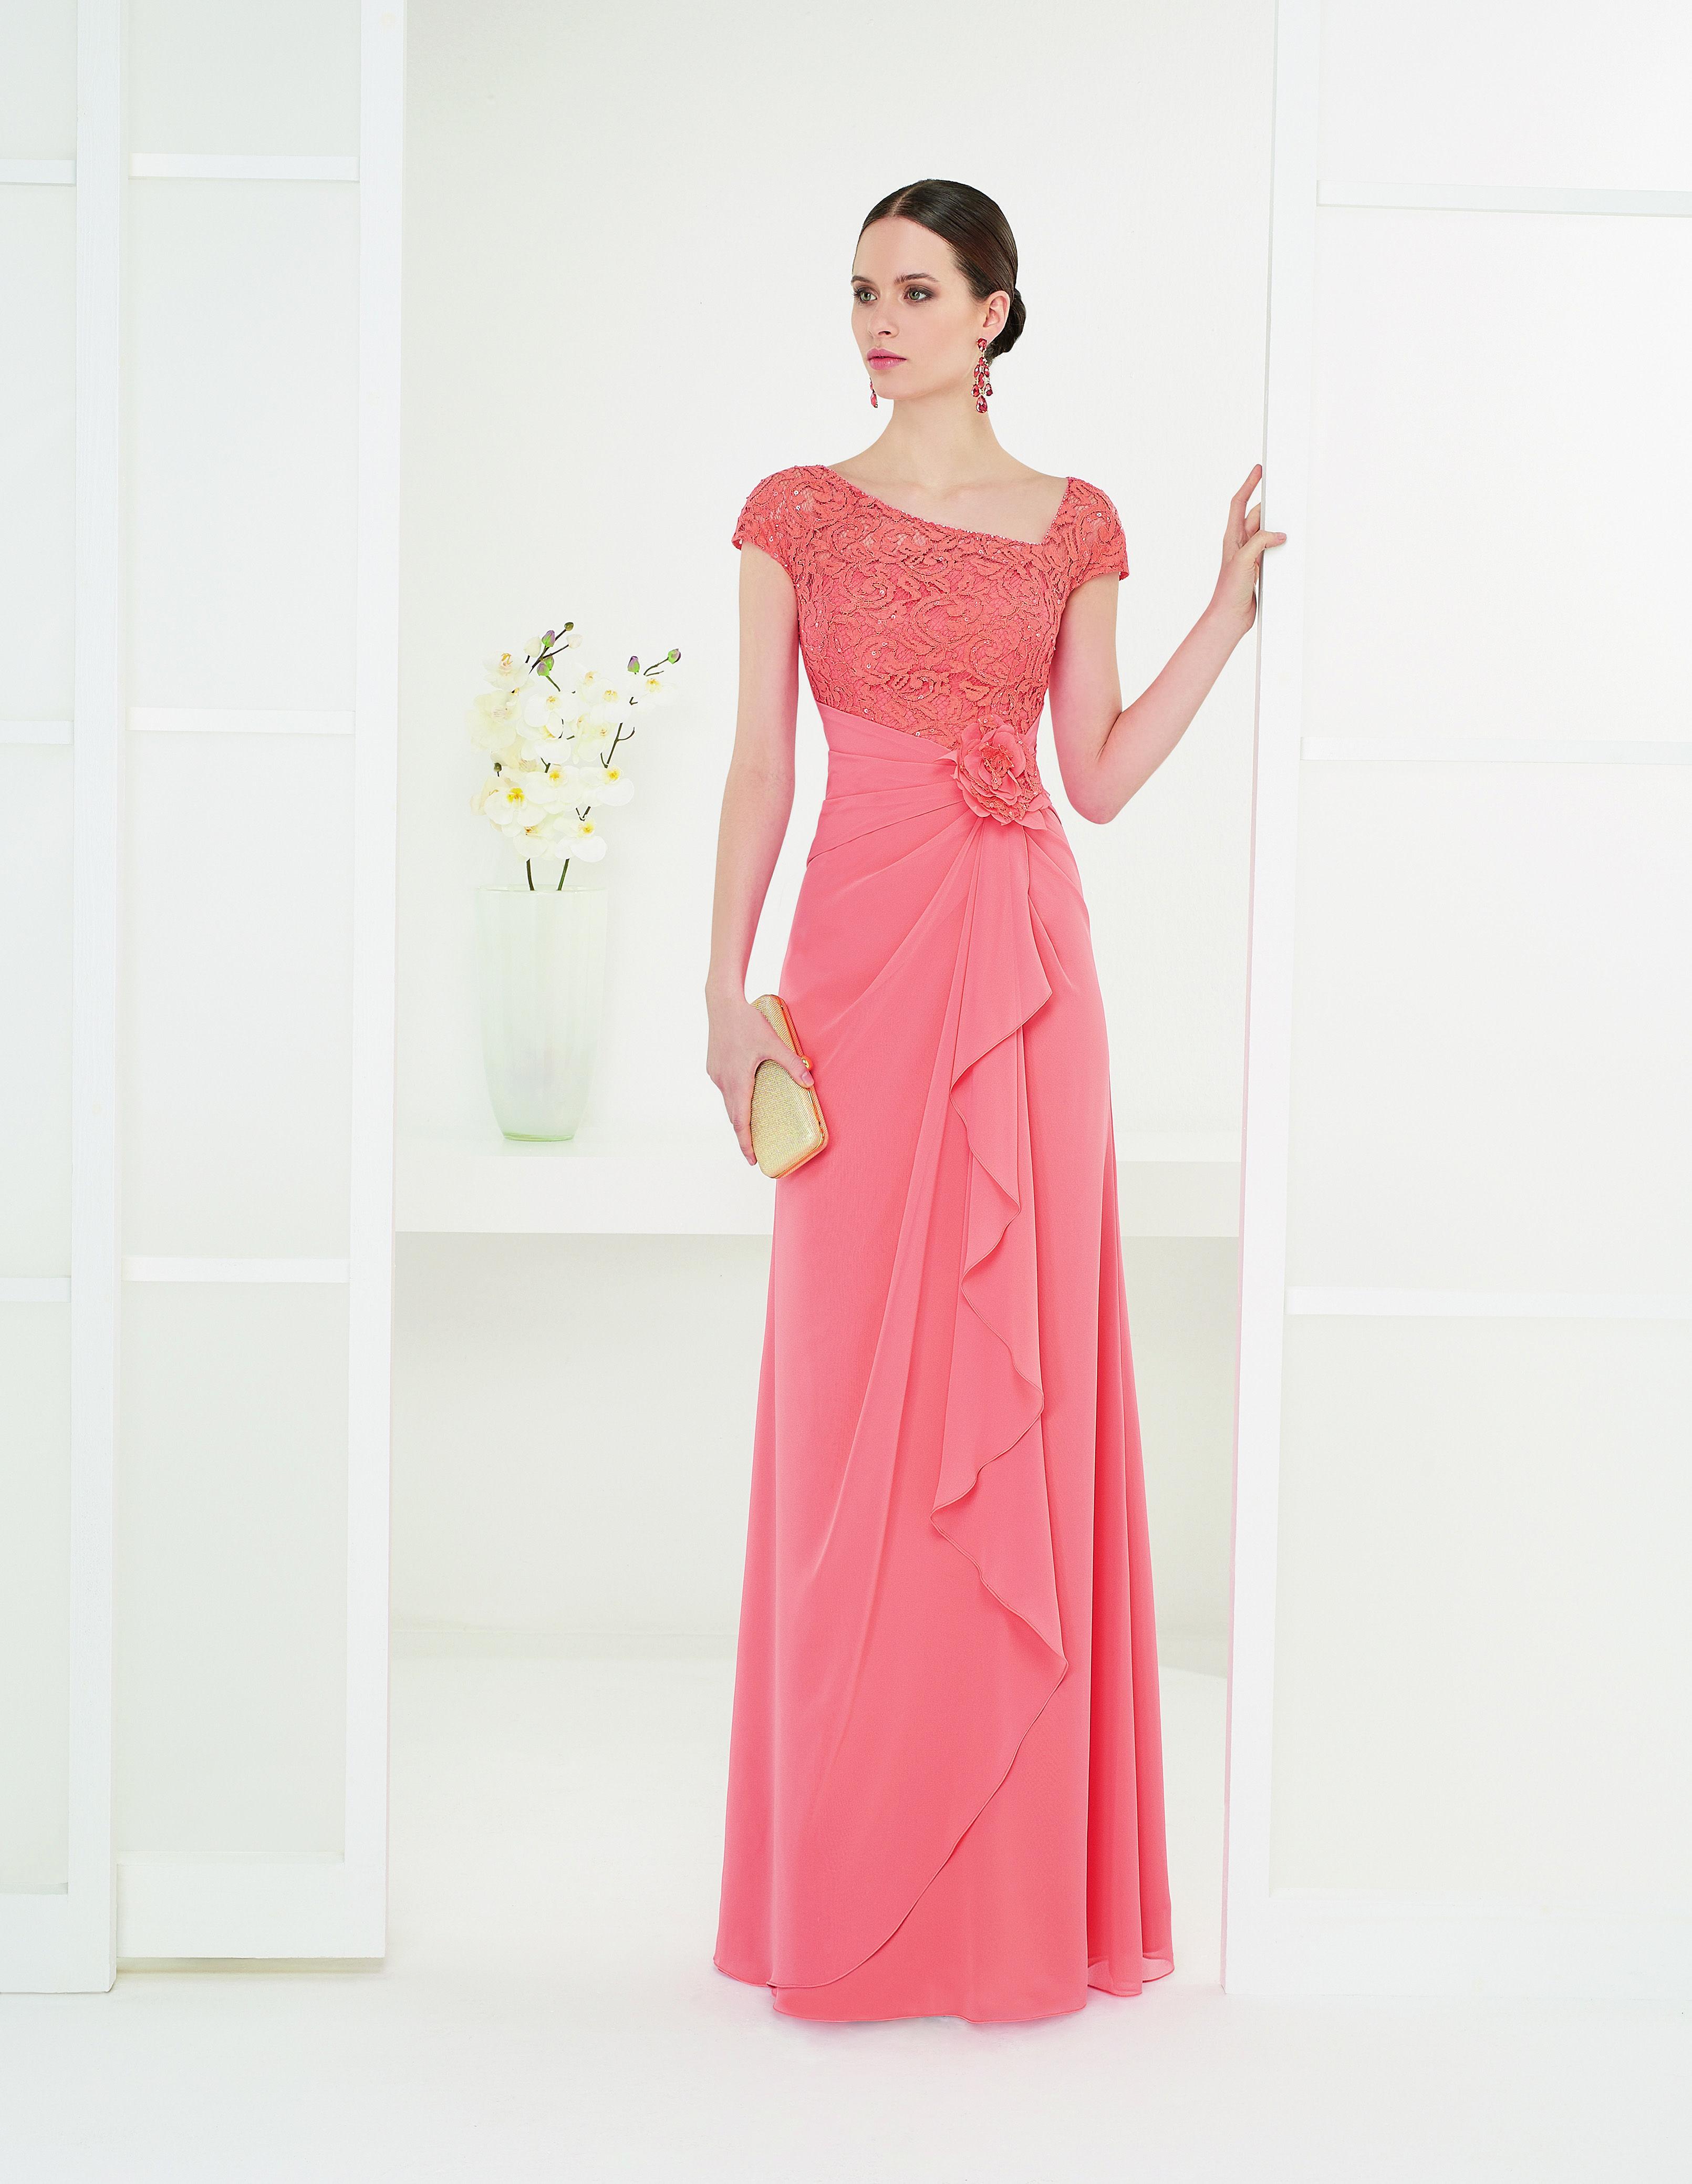 Outlet vestidos fiesta rosa clara – Moda Española moderna 2018